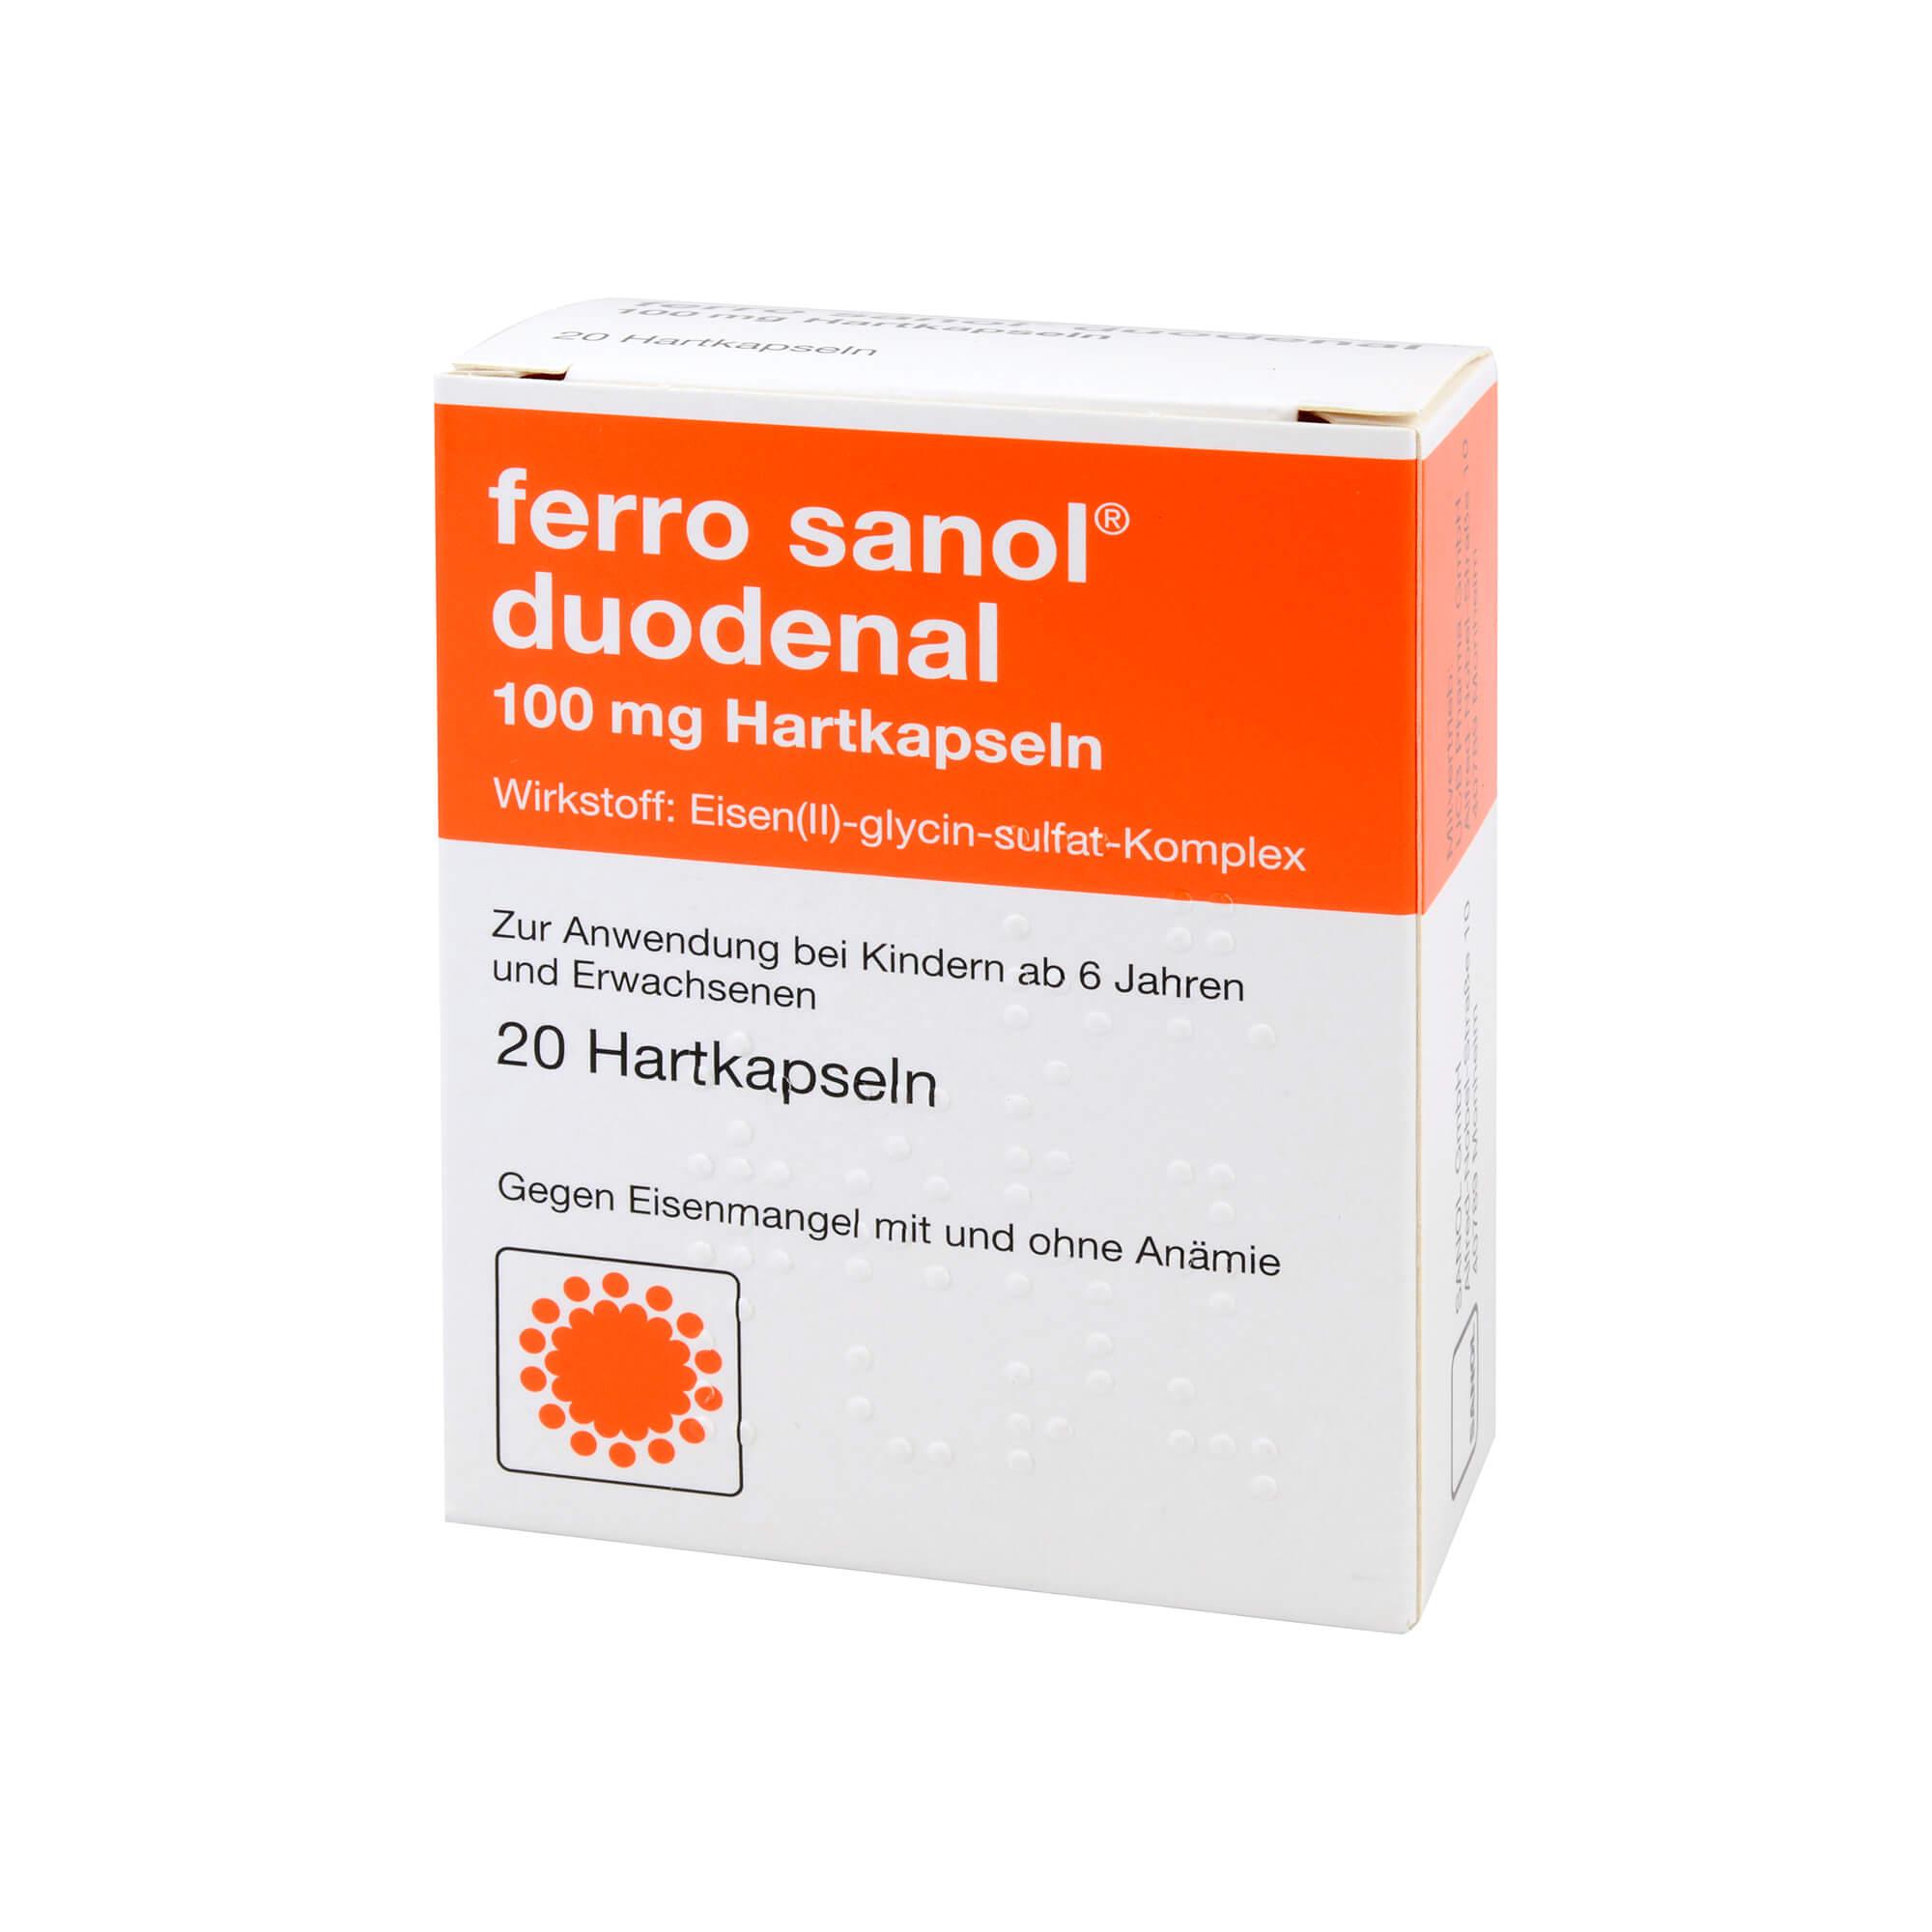 Ferro sanol duodenal Hartkapseln bei Eisenmangel